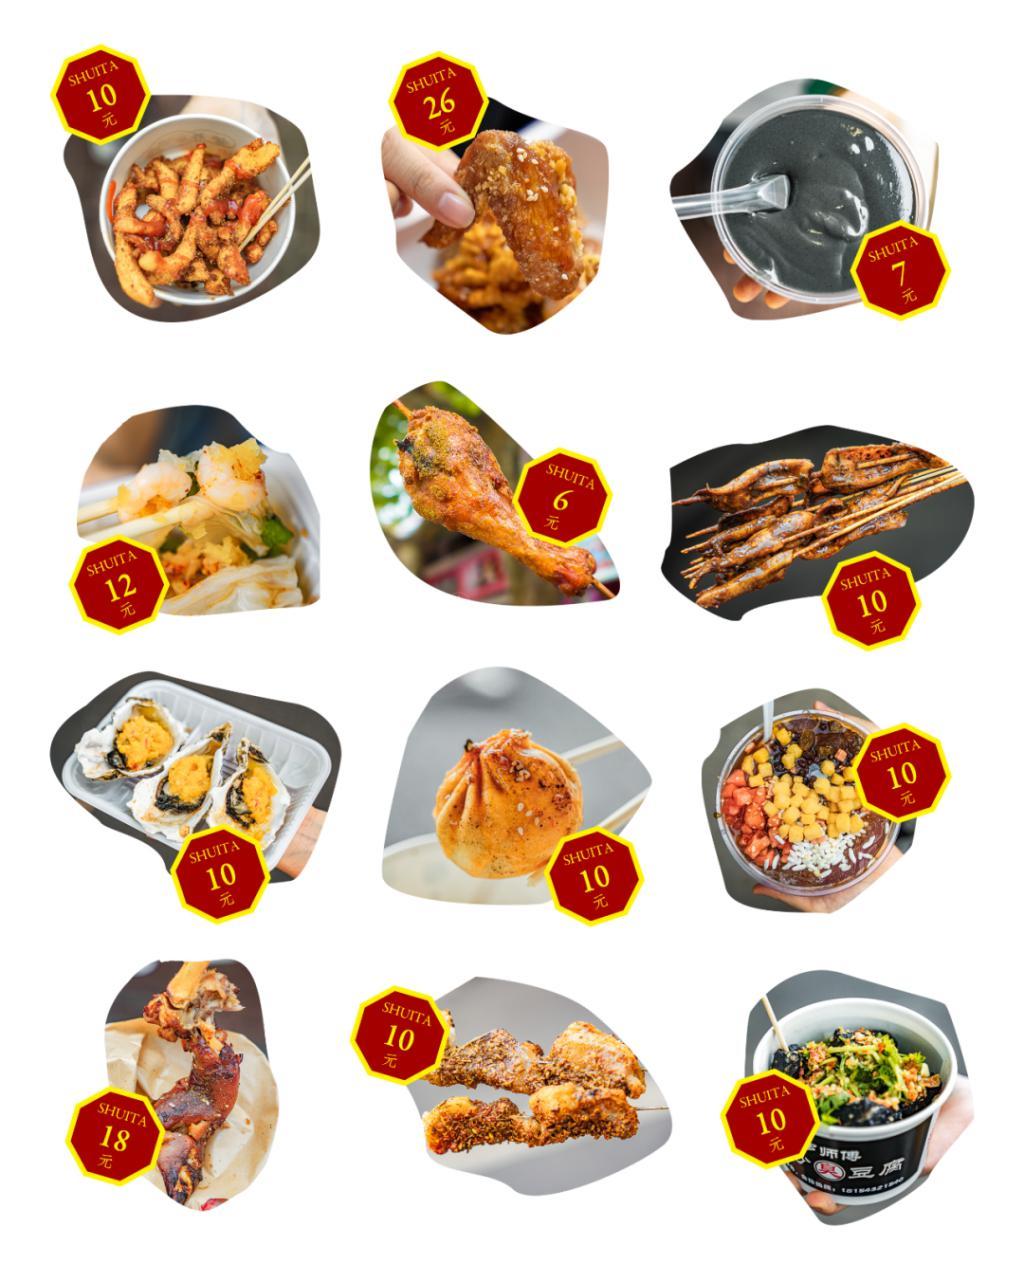 水塔美食街不能错过的美食都有哪些?  这份推荐请查收